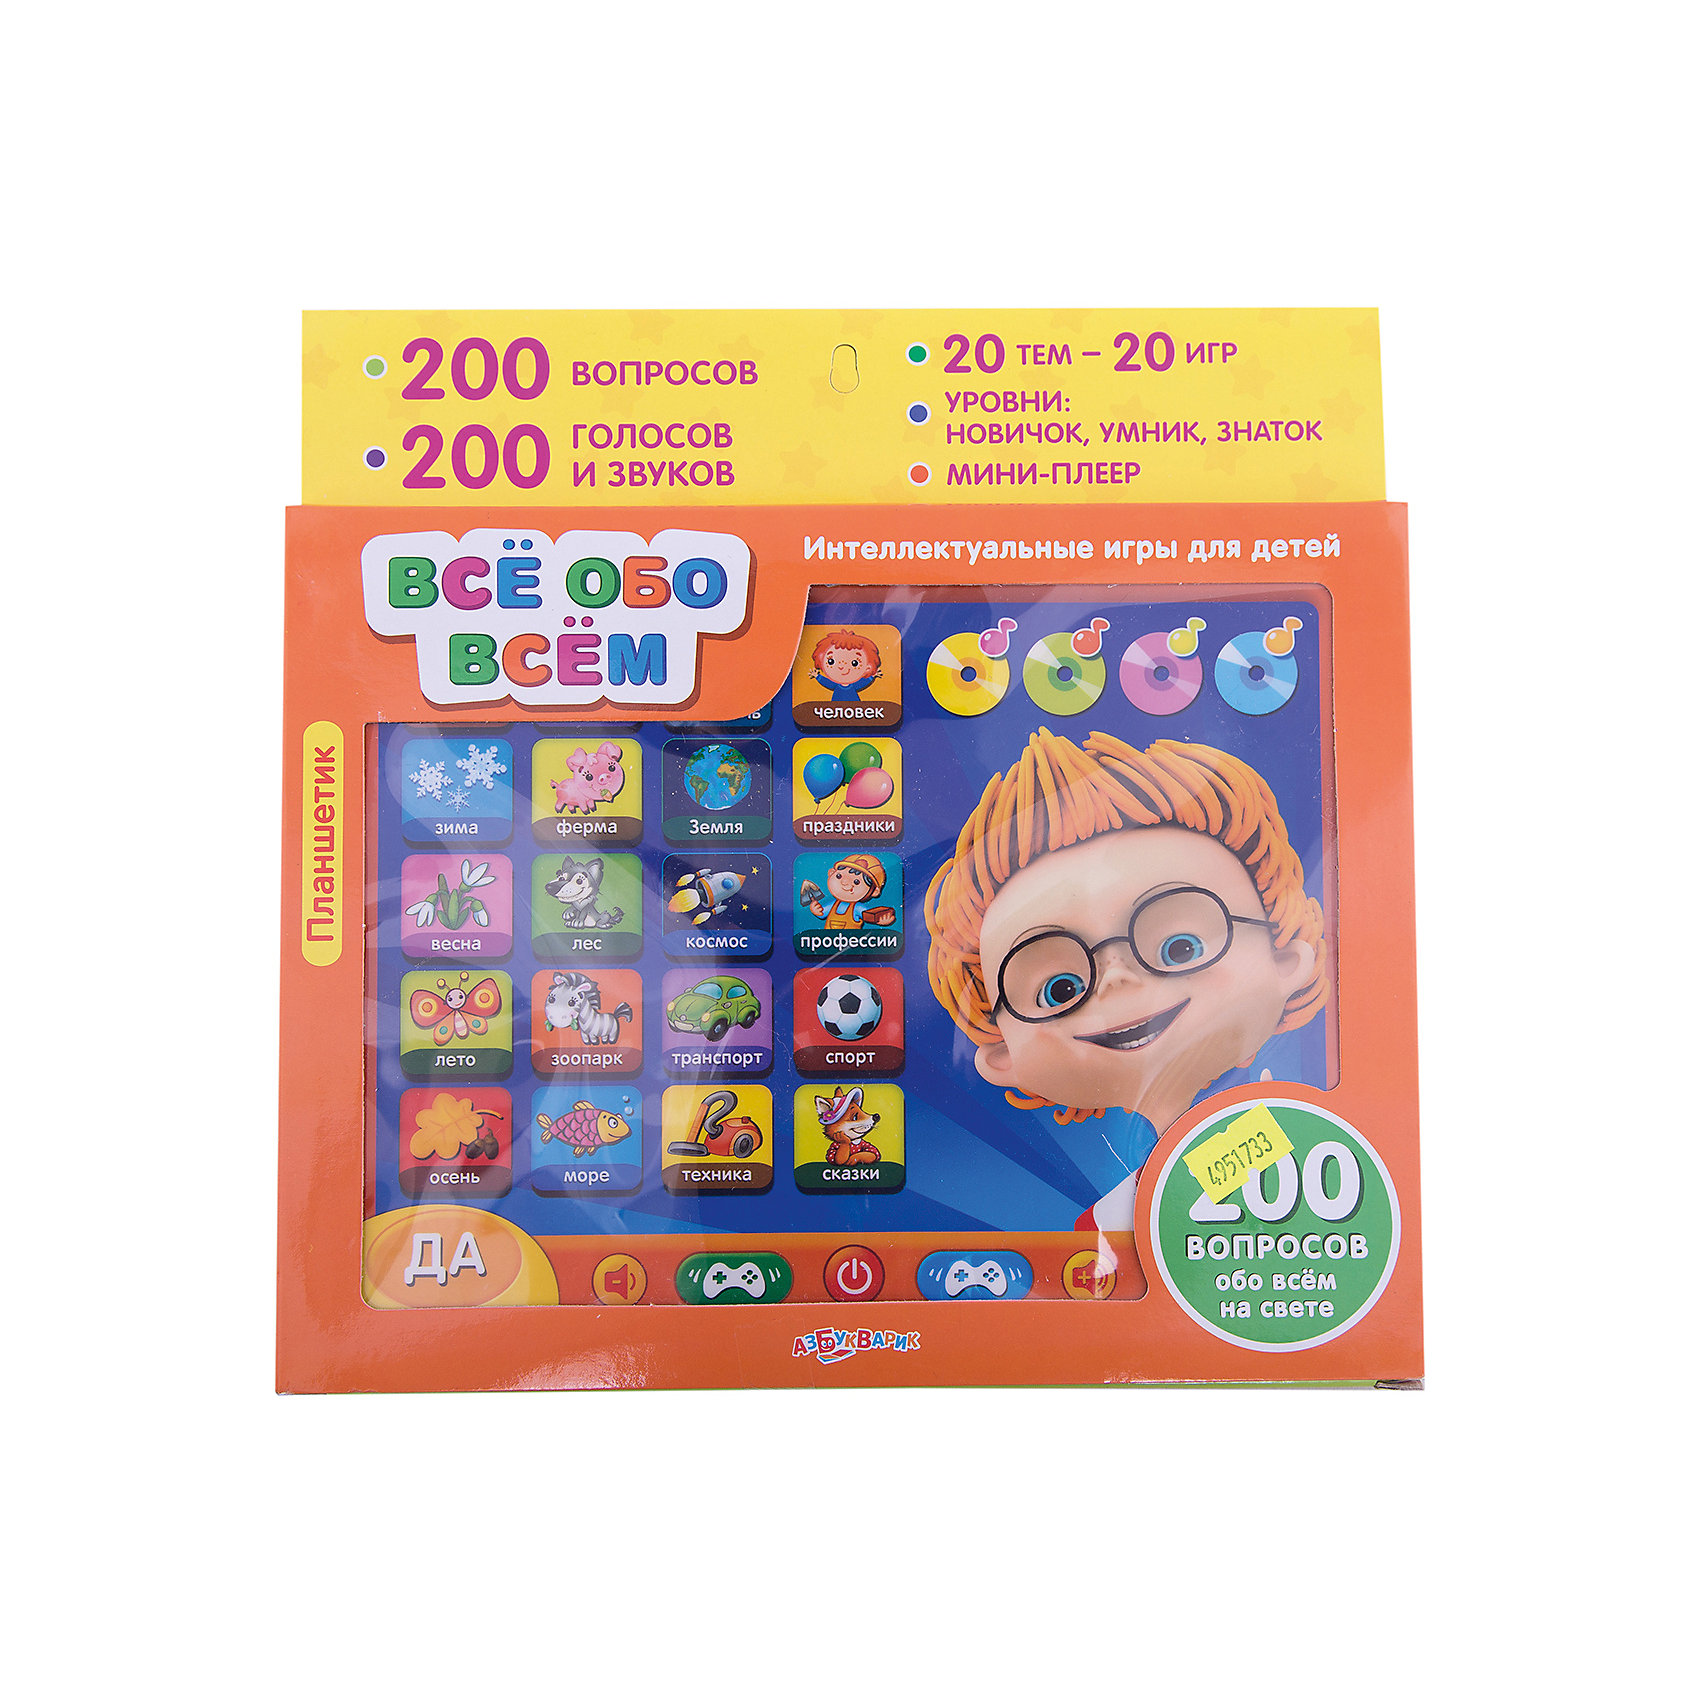 Планшетик Маленький эрудитАзбукварик<br>Дети обожают гаджеты и электронные игрушки! Планшетик Маленький эрудит станет прекрасным подарком на любой праздник. С этим ярким планшетом ваш ребенок сможет весело и с пользой проводить время. Игрушка обладает звуковыми эффектами, включает в себя 20 игр; множество интересных вопросов и ответов помогут расширить кругозор и развить мышление, а любимые песенки сделают игры еще интереснее. <br>Простое и понятное управление, яркий дизайн и множество функций надолго увлекут детей.  <br>Планшетик Маленький эрудит обязательно понравится любому ребенку. <br><br>Дополнительная информация:<br><br>- Материал: пластик. <br>- Размер: 30х19 см. <br>- Элемент питания: 3 ААА батарейки (в комплекте).<br>- Регулировка громкости.<br>- 4 песенки: Арам зам зам, Полька Евы, Танец утят, Собачий вальс.<br>- Игра Фортуна: выбирай темы - отвечай на вопросы.<br>- Игра Марафон: слушай вопросы по порядку, отвечай да или нет.<br>- 20 тем - 20 игр.<br>- 3 уровня сложности. <br>- 200 вопросов. <br><br>Планшетик Маленький эрудит можно купить в нашем магазине.<br><br>Ширина мм: 19<br>Глубина мм: 30<br>Высота мм: 19<br>Вес г: 250<br>Возраст от месяцев: 24<br>Возраст до месяцев: 48<br>Пол: Унисекс<br>Возраст: Детский<br>SKU: 4951733